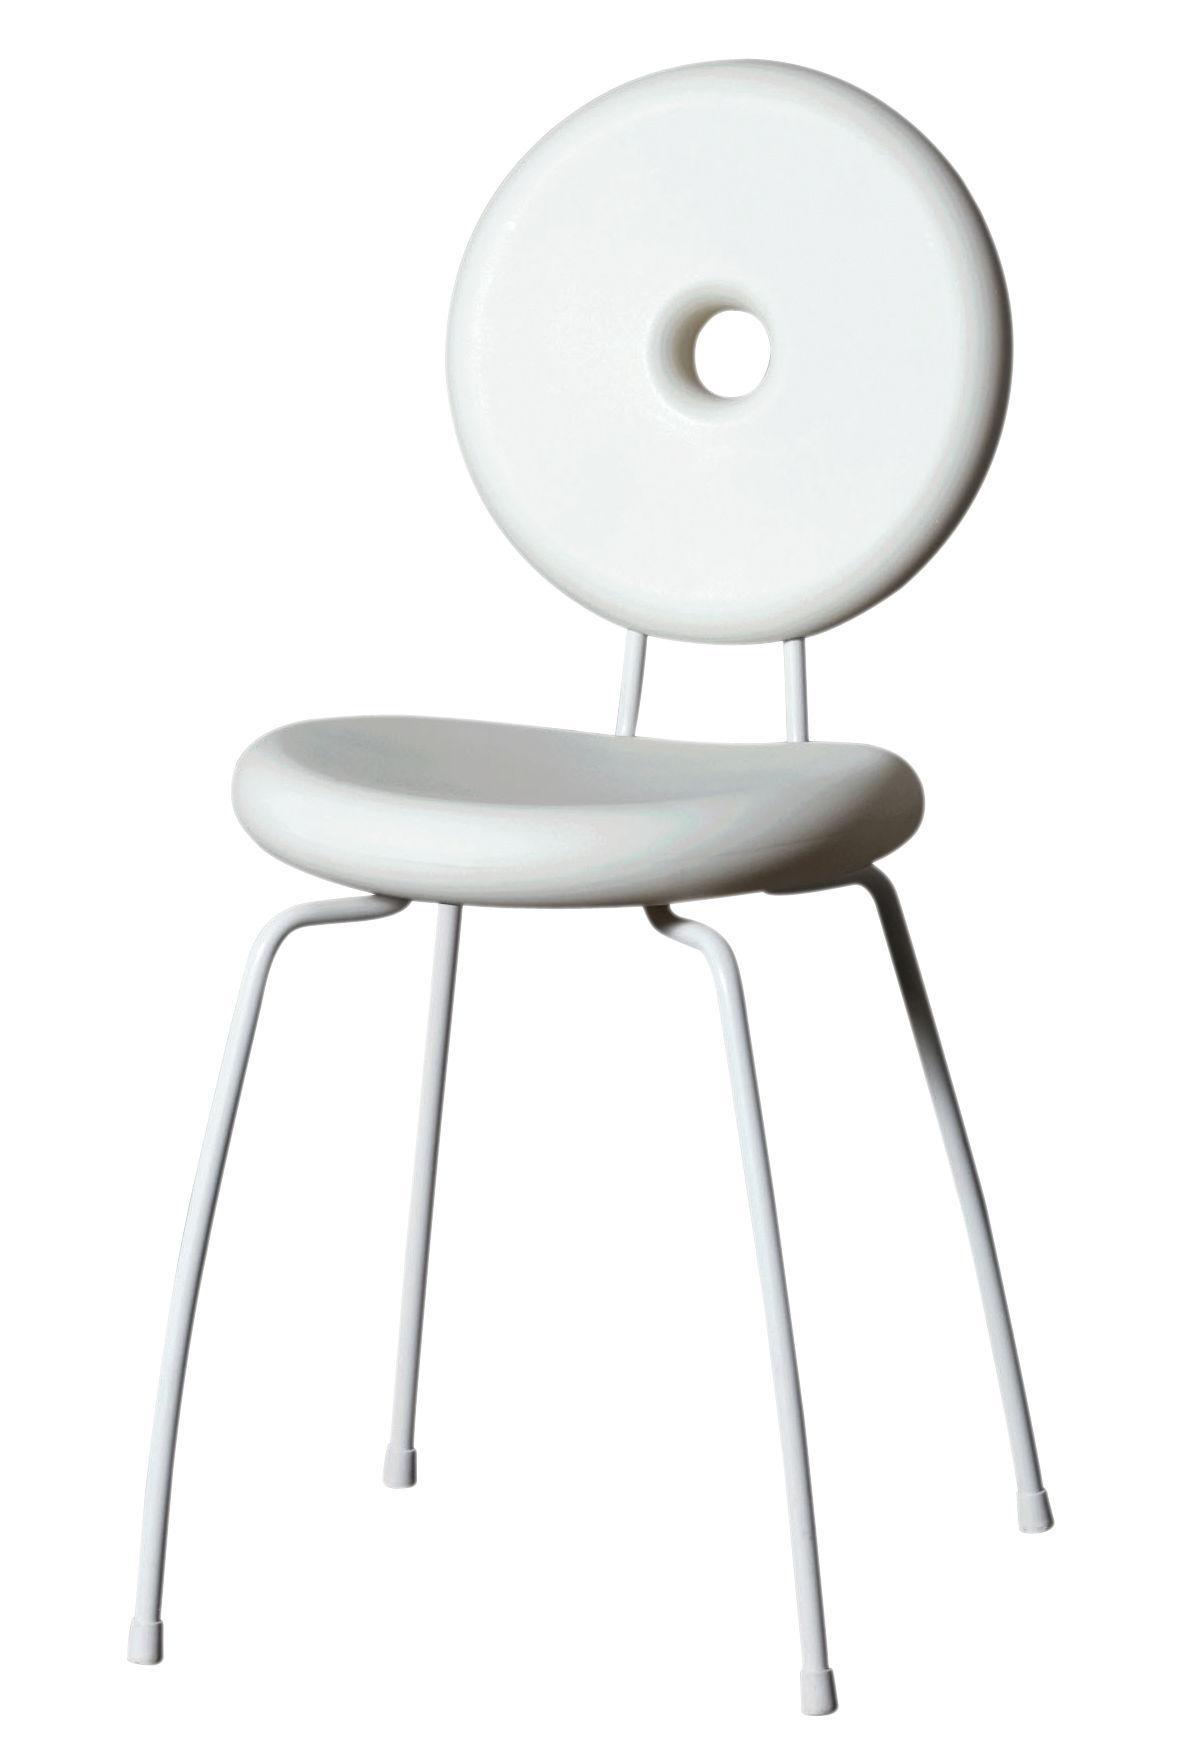 Mobilier - Chaises, fauteuils de salle à manger - Chaise empilable Ping Pong Pang / Plastique - Serralunga - Blanc - Acier peint, Polyéthylène rotomoulé